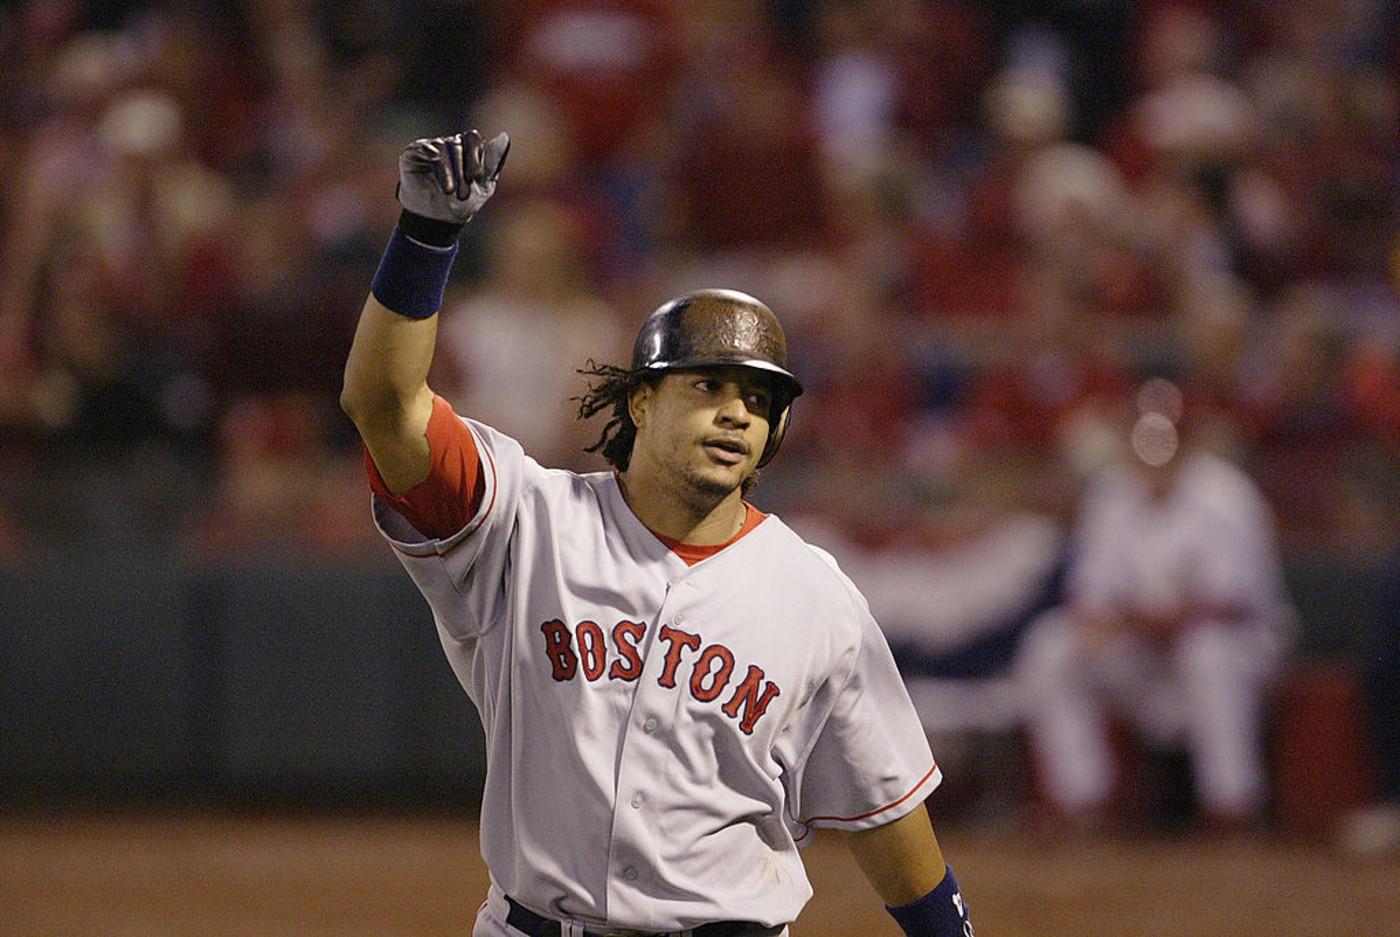 Manny Ramirez Red Sox 2004 Getty